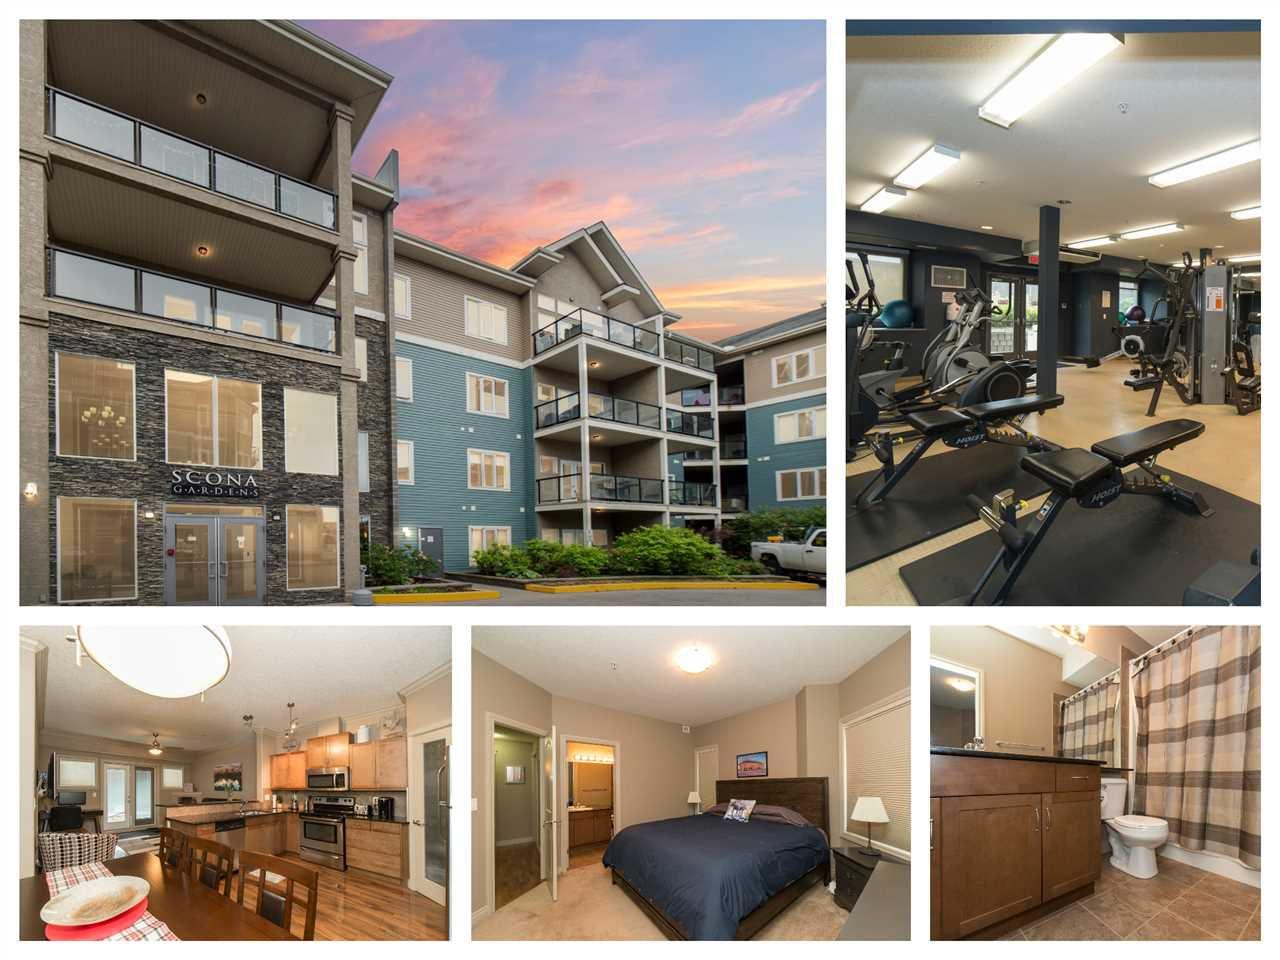 Main Photo: 139 10121 80 Avenue in Edmonton: Zone 17 Condo for sale : MLS®# E4161263